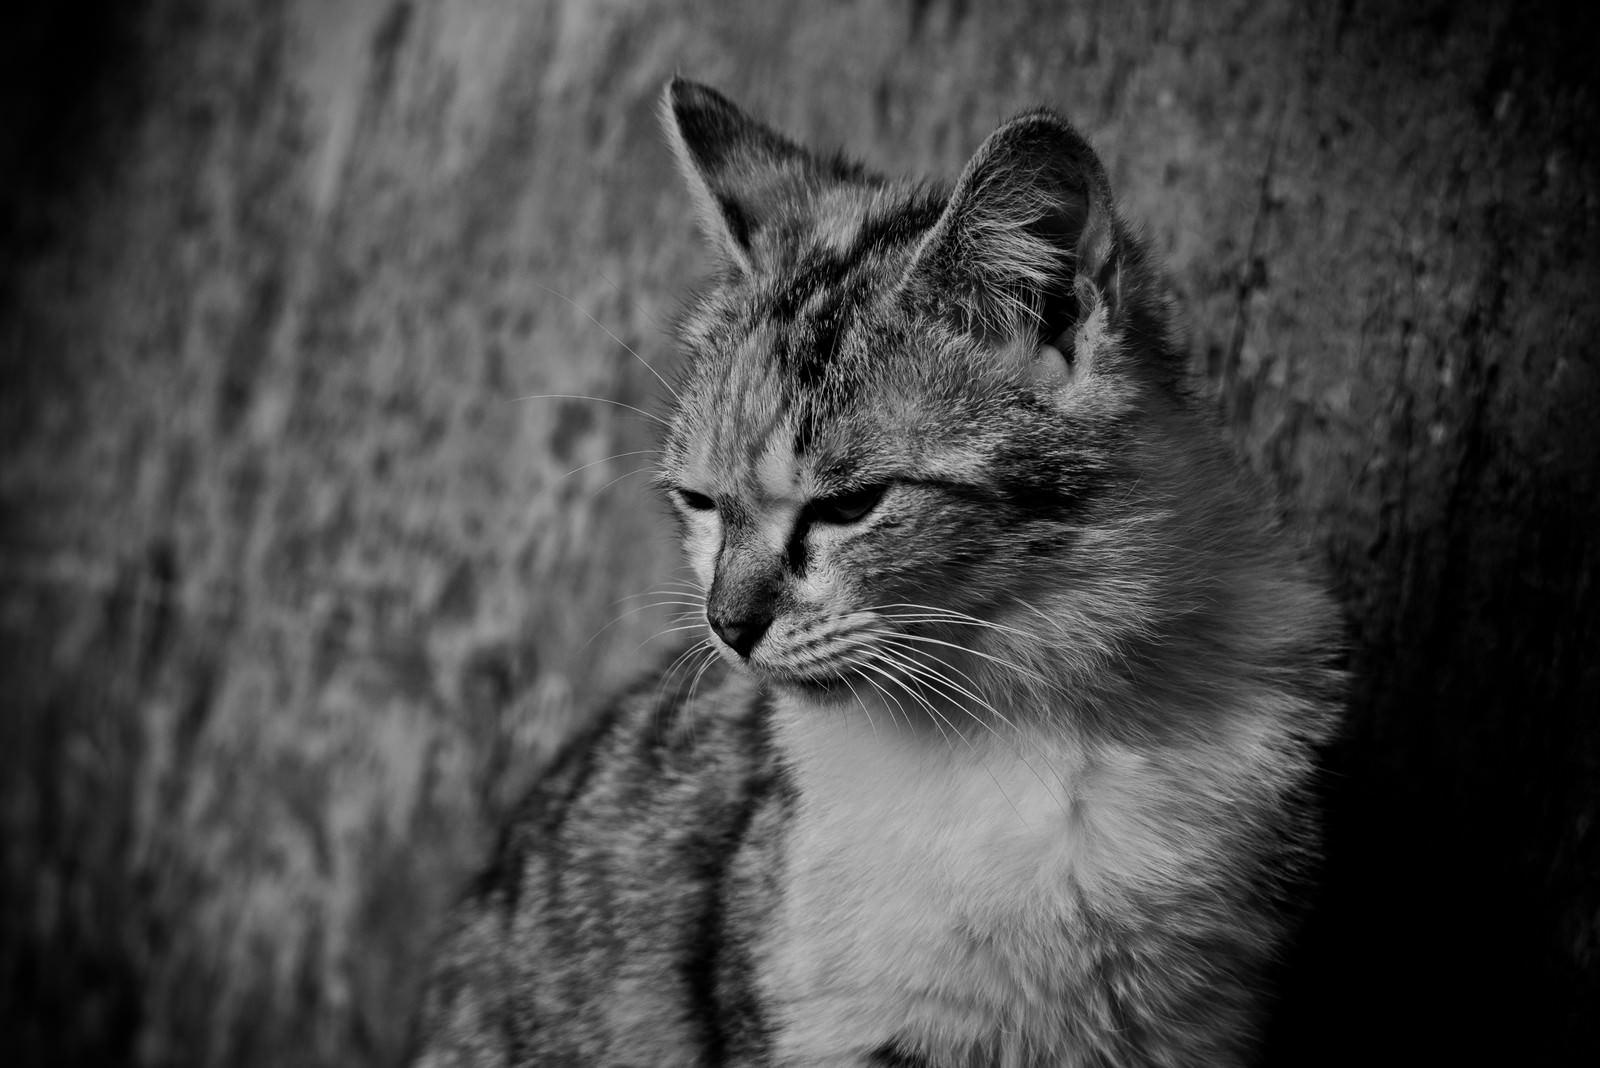 「意気消沈猫」の写真